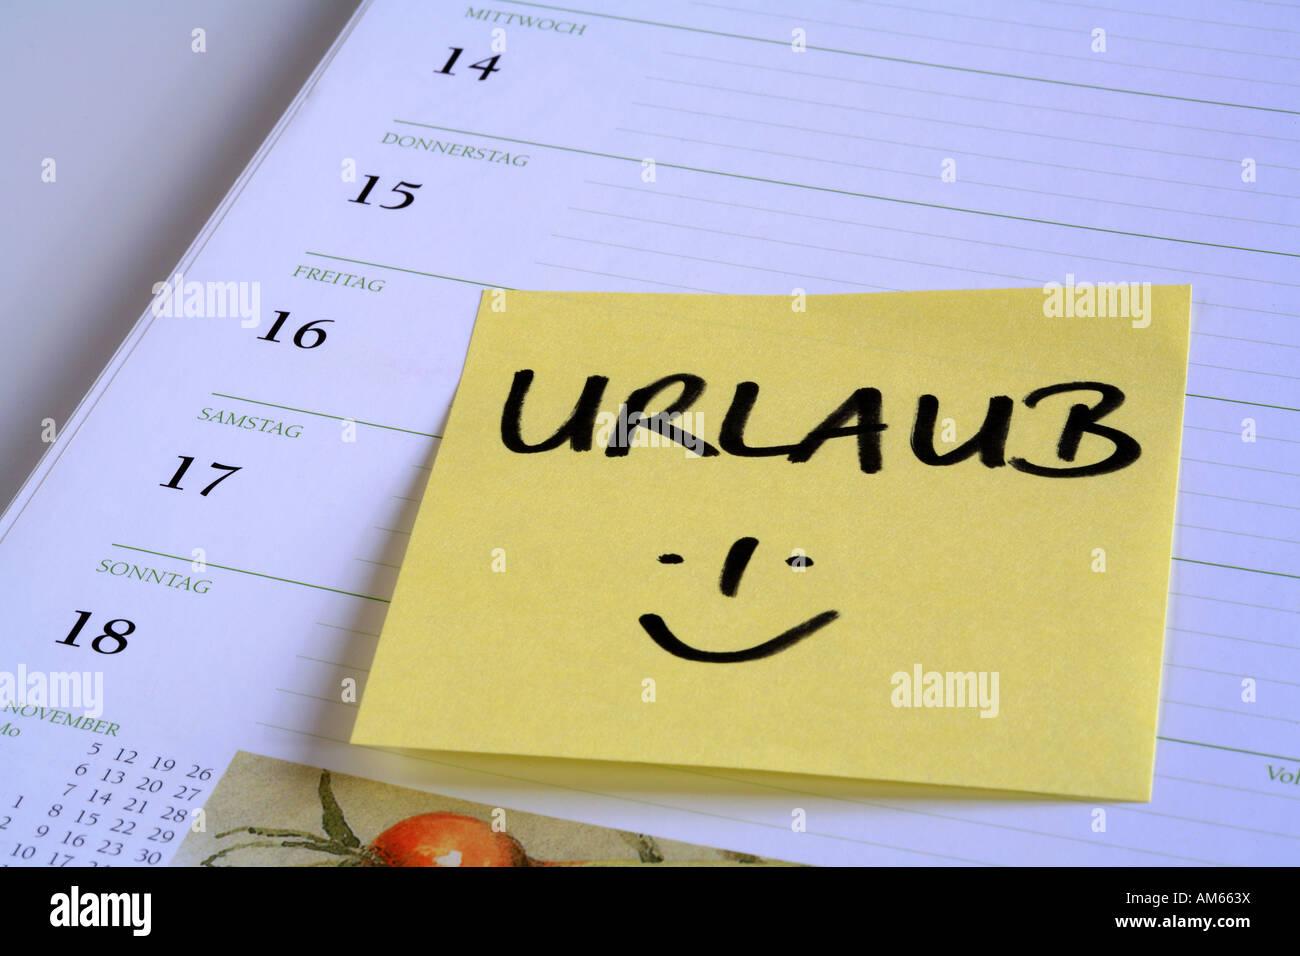 Note de rappel jaune Urlaub' (maison de vacances) sur la page d'un calendrier Photo Stock